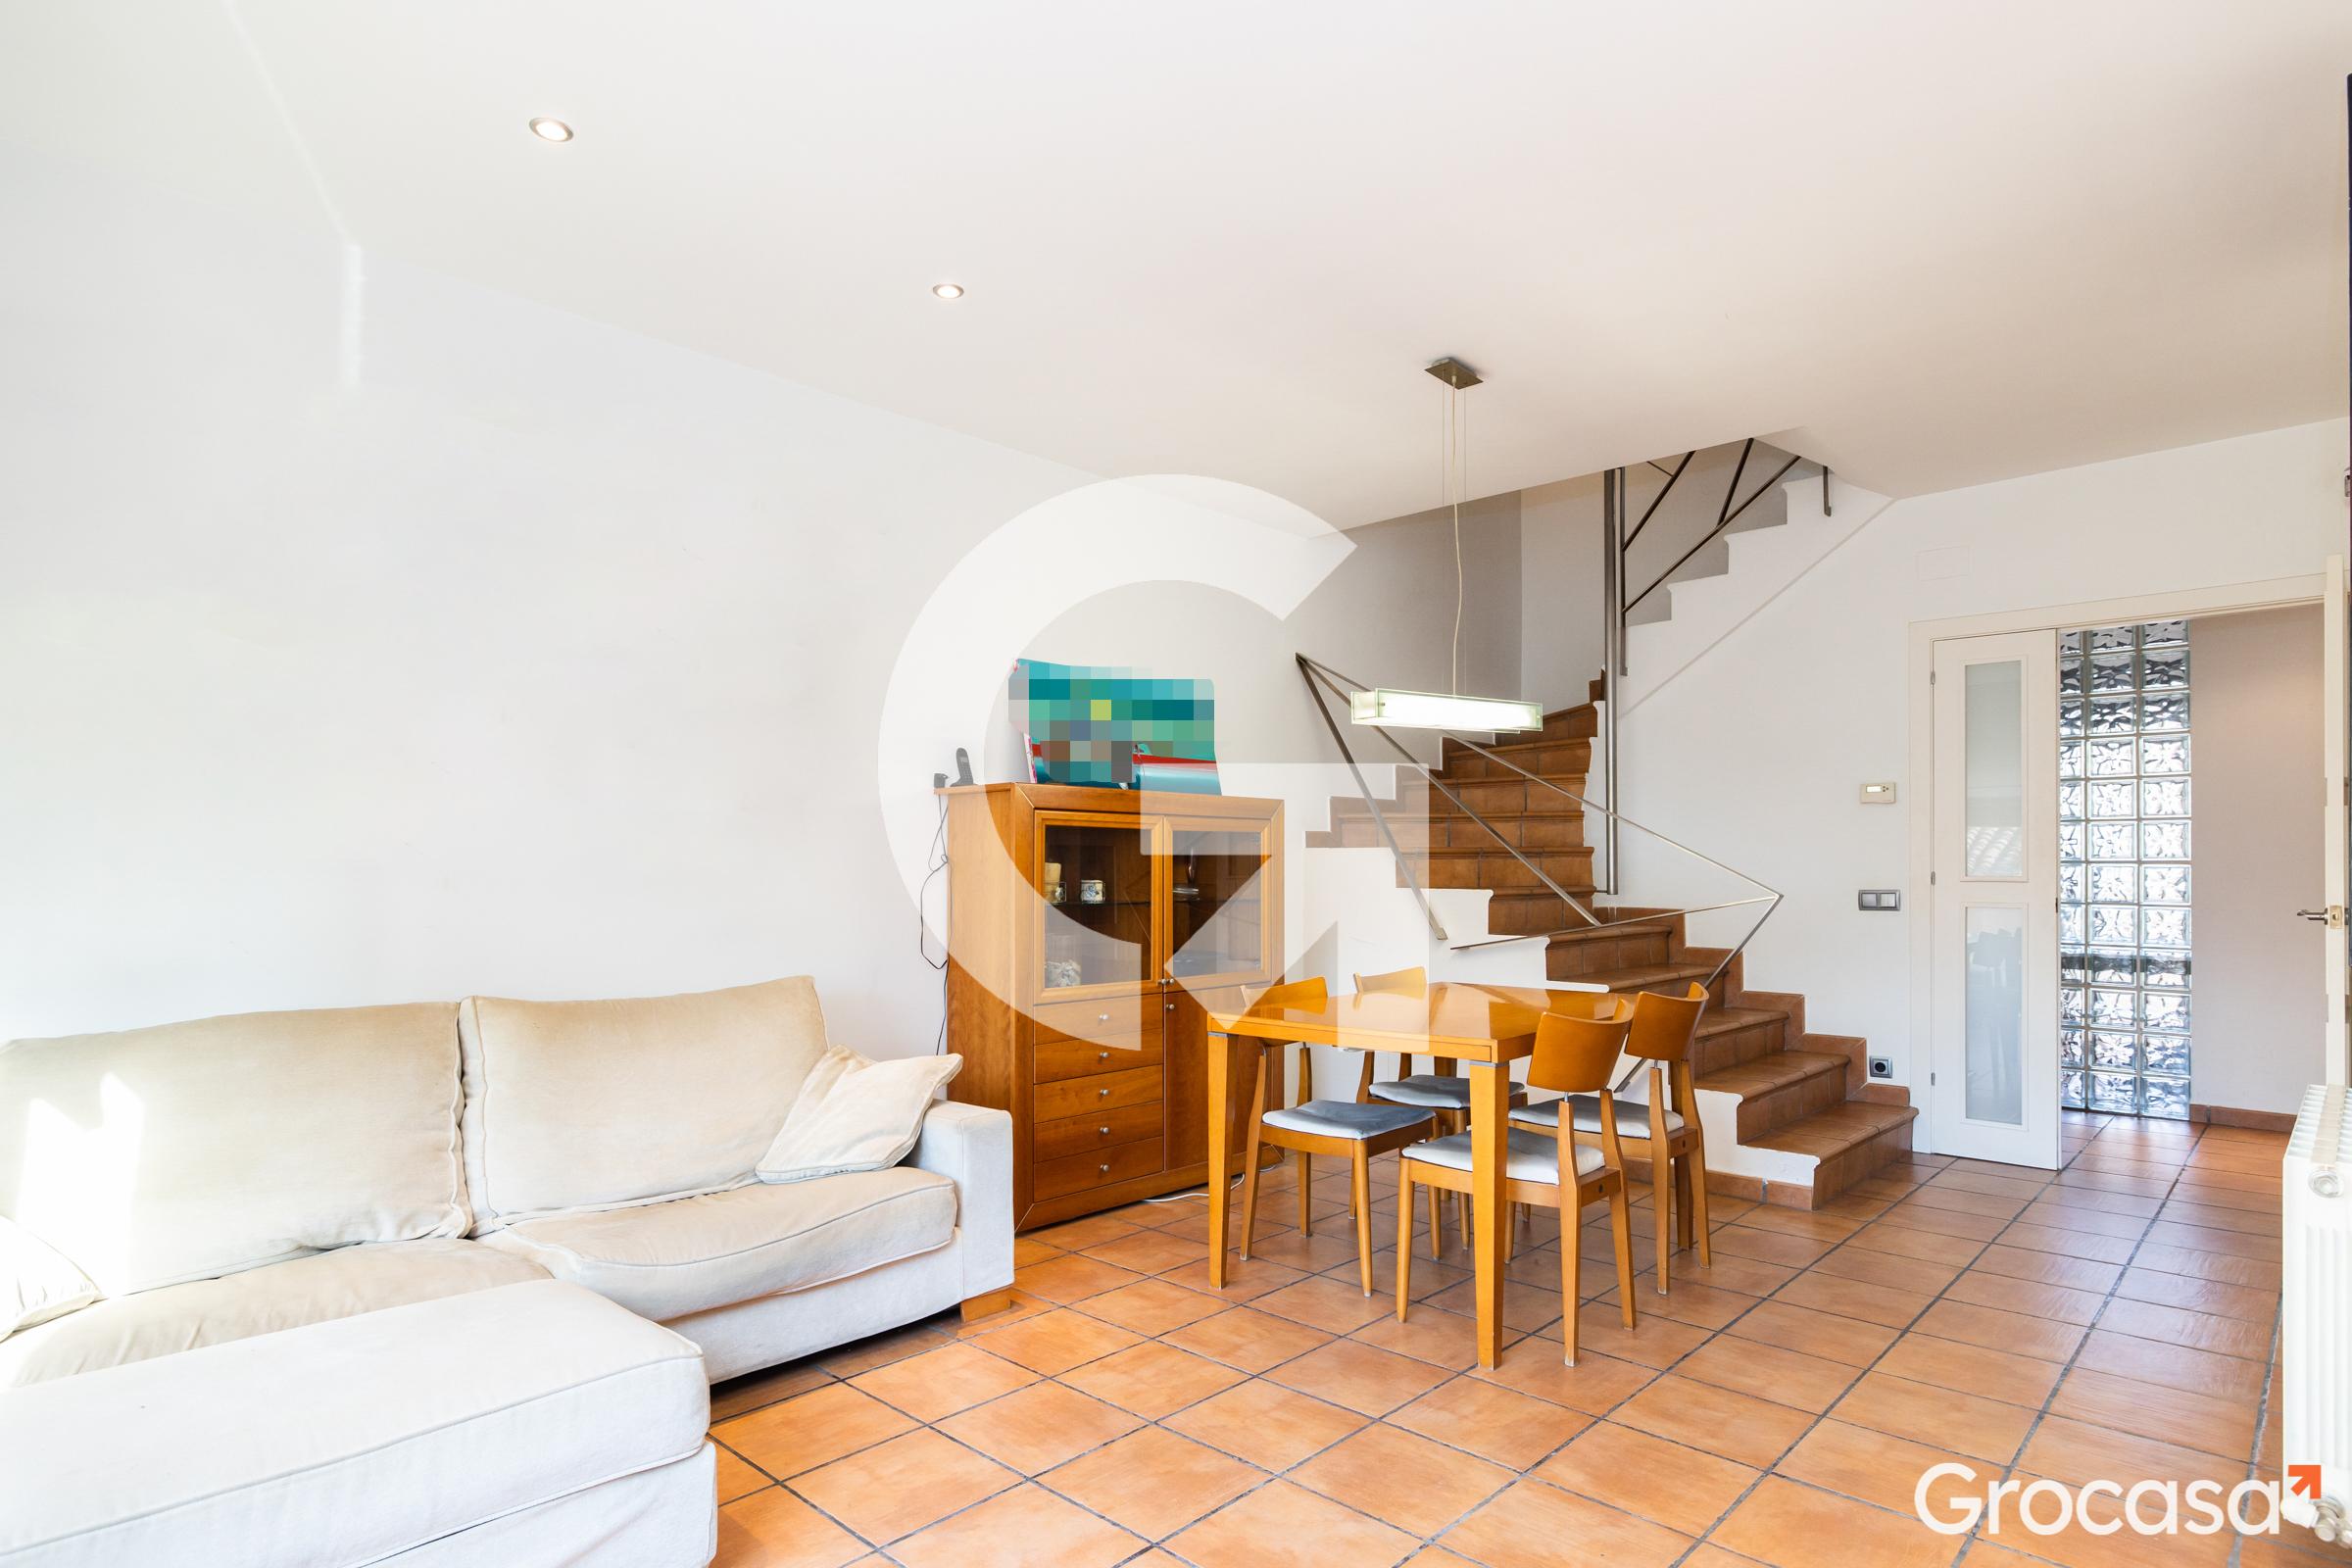 Casa en Pep ventura en Badalona en Venta por 494.900€